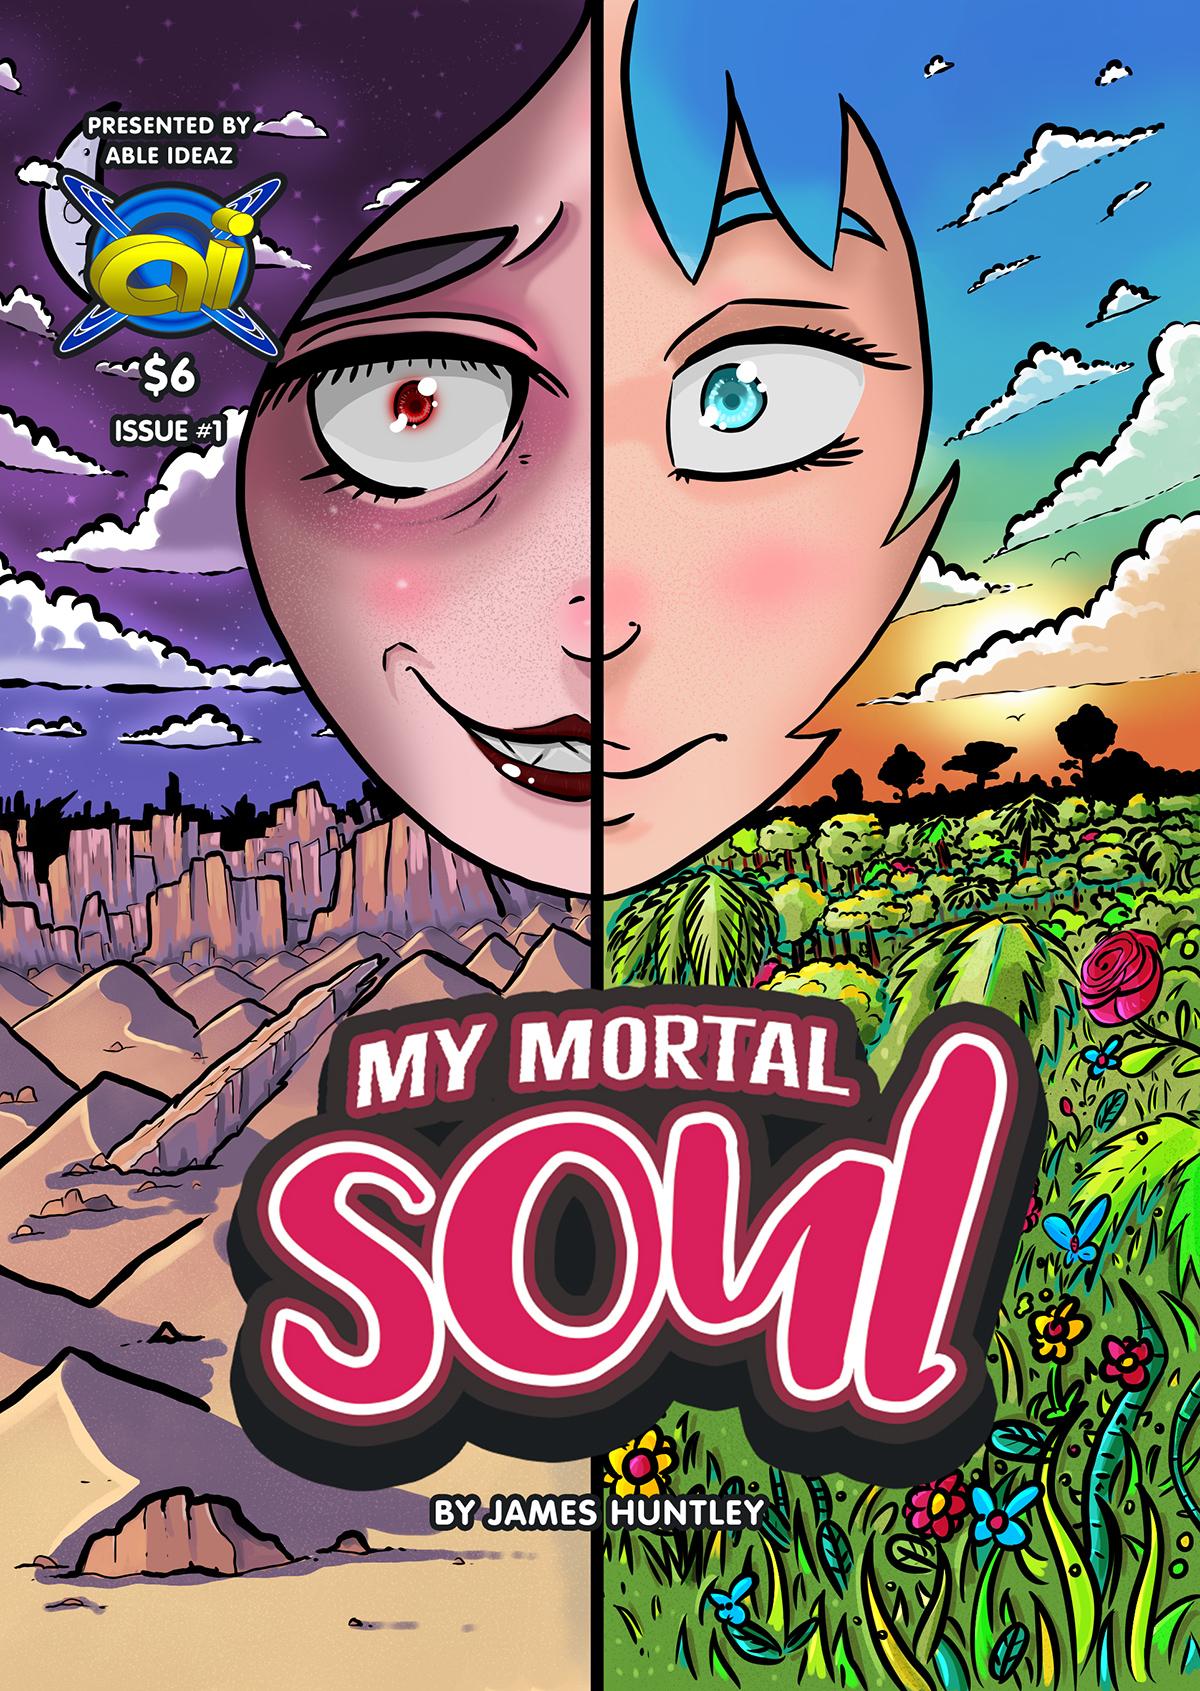 My Mortal Soul #1